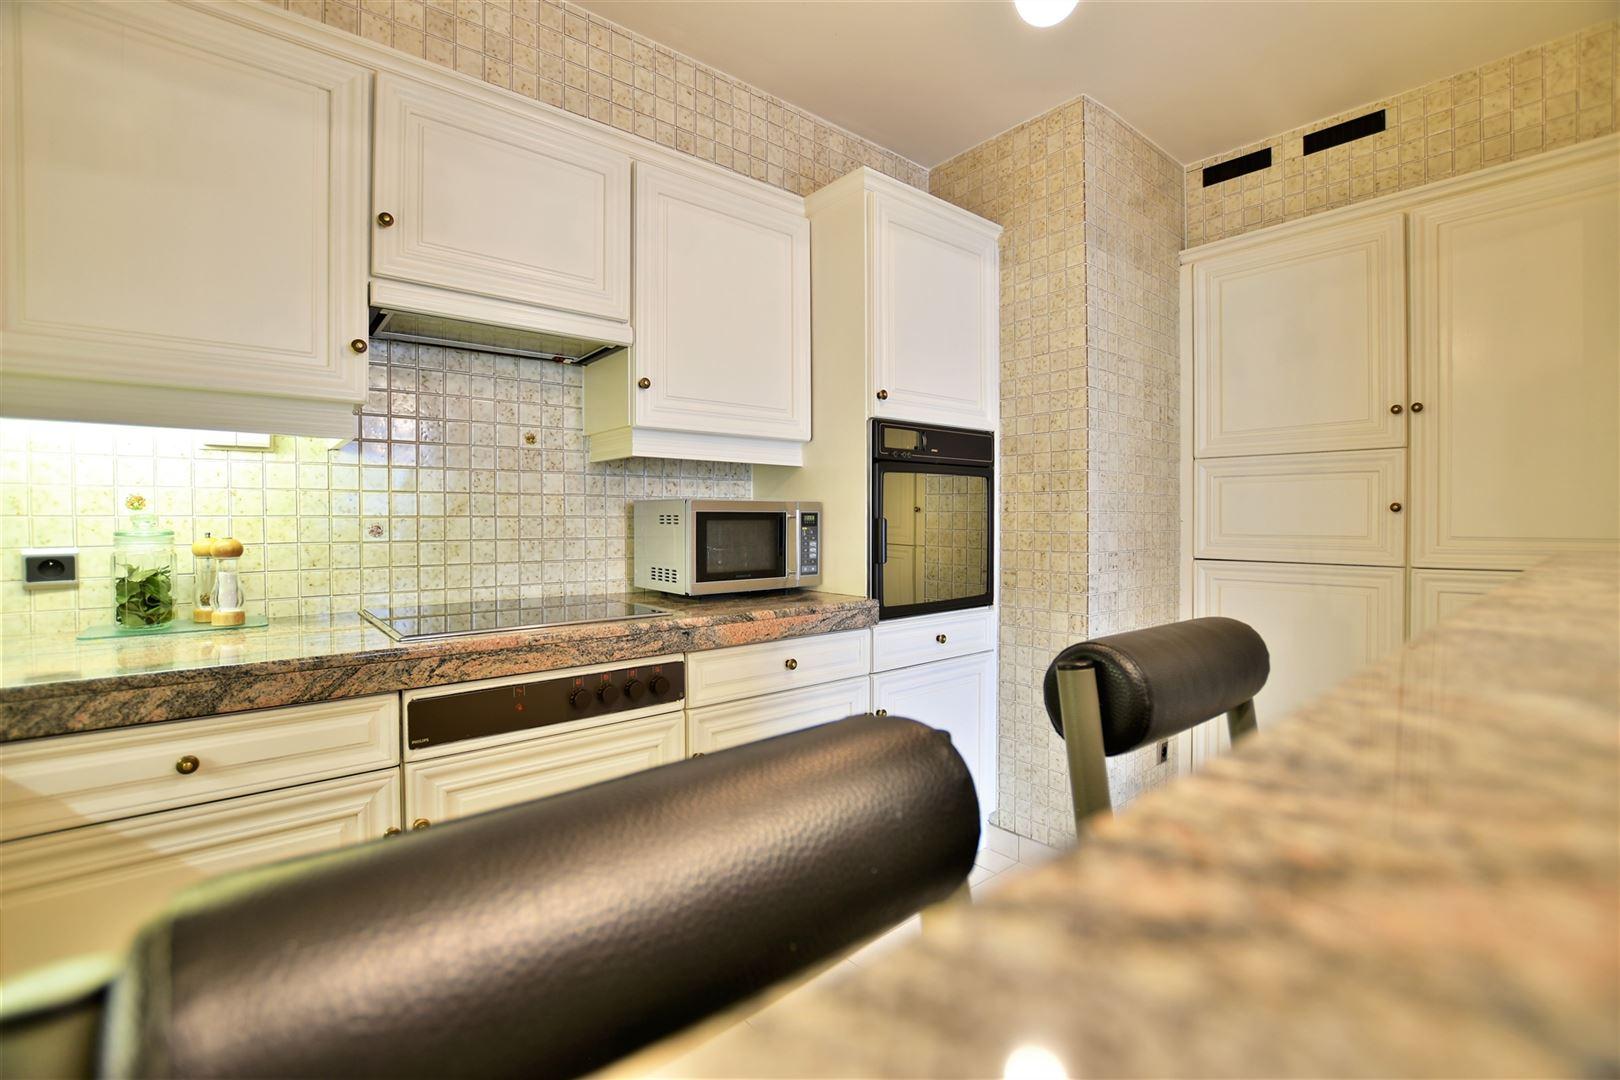 Foto 9 : Appartement te 9240 ZELE (België) - Prijs € 299.000